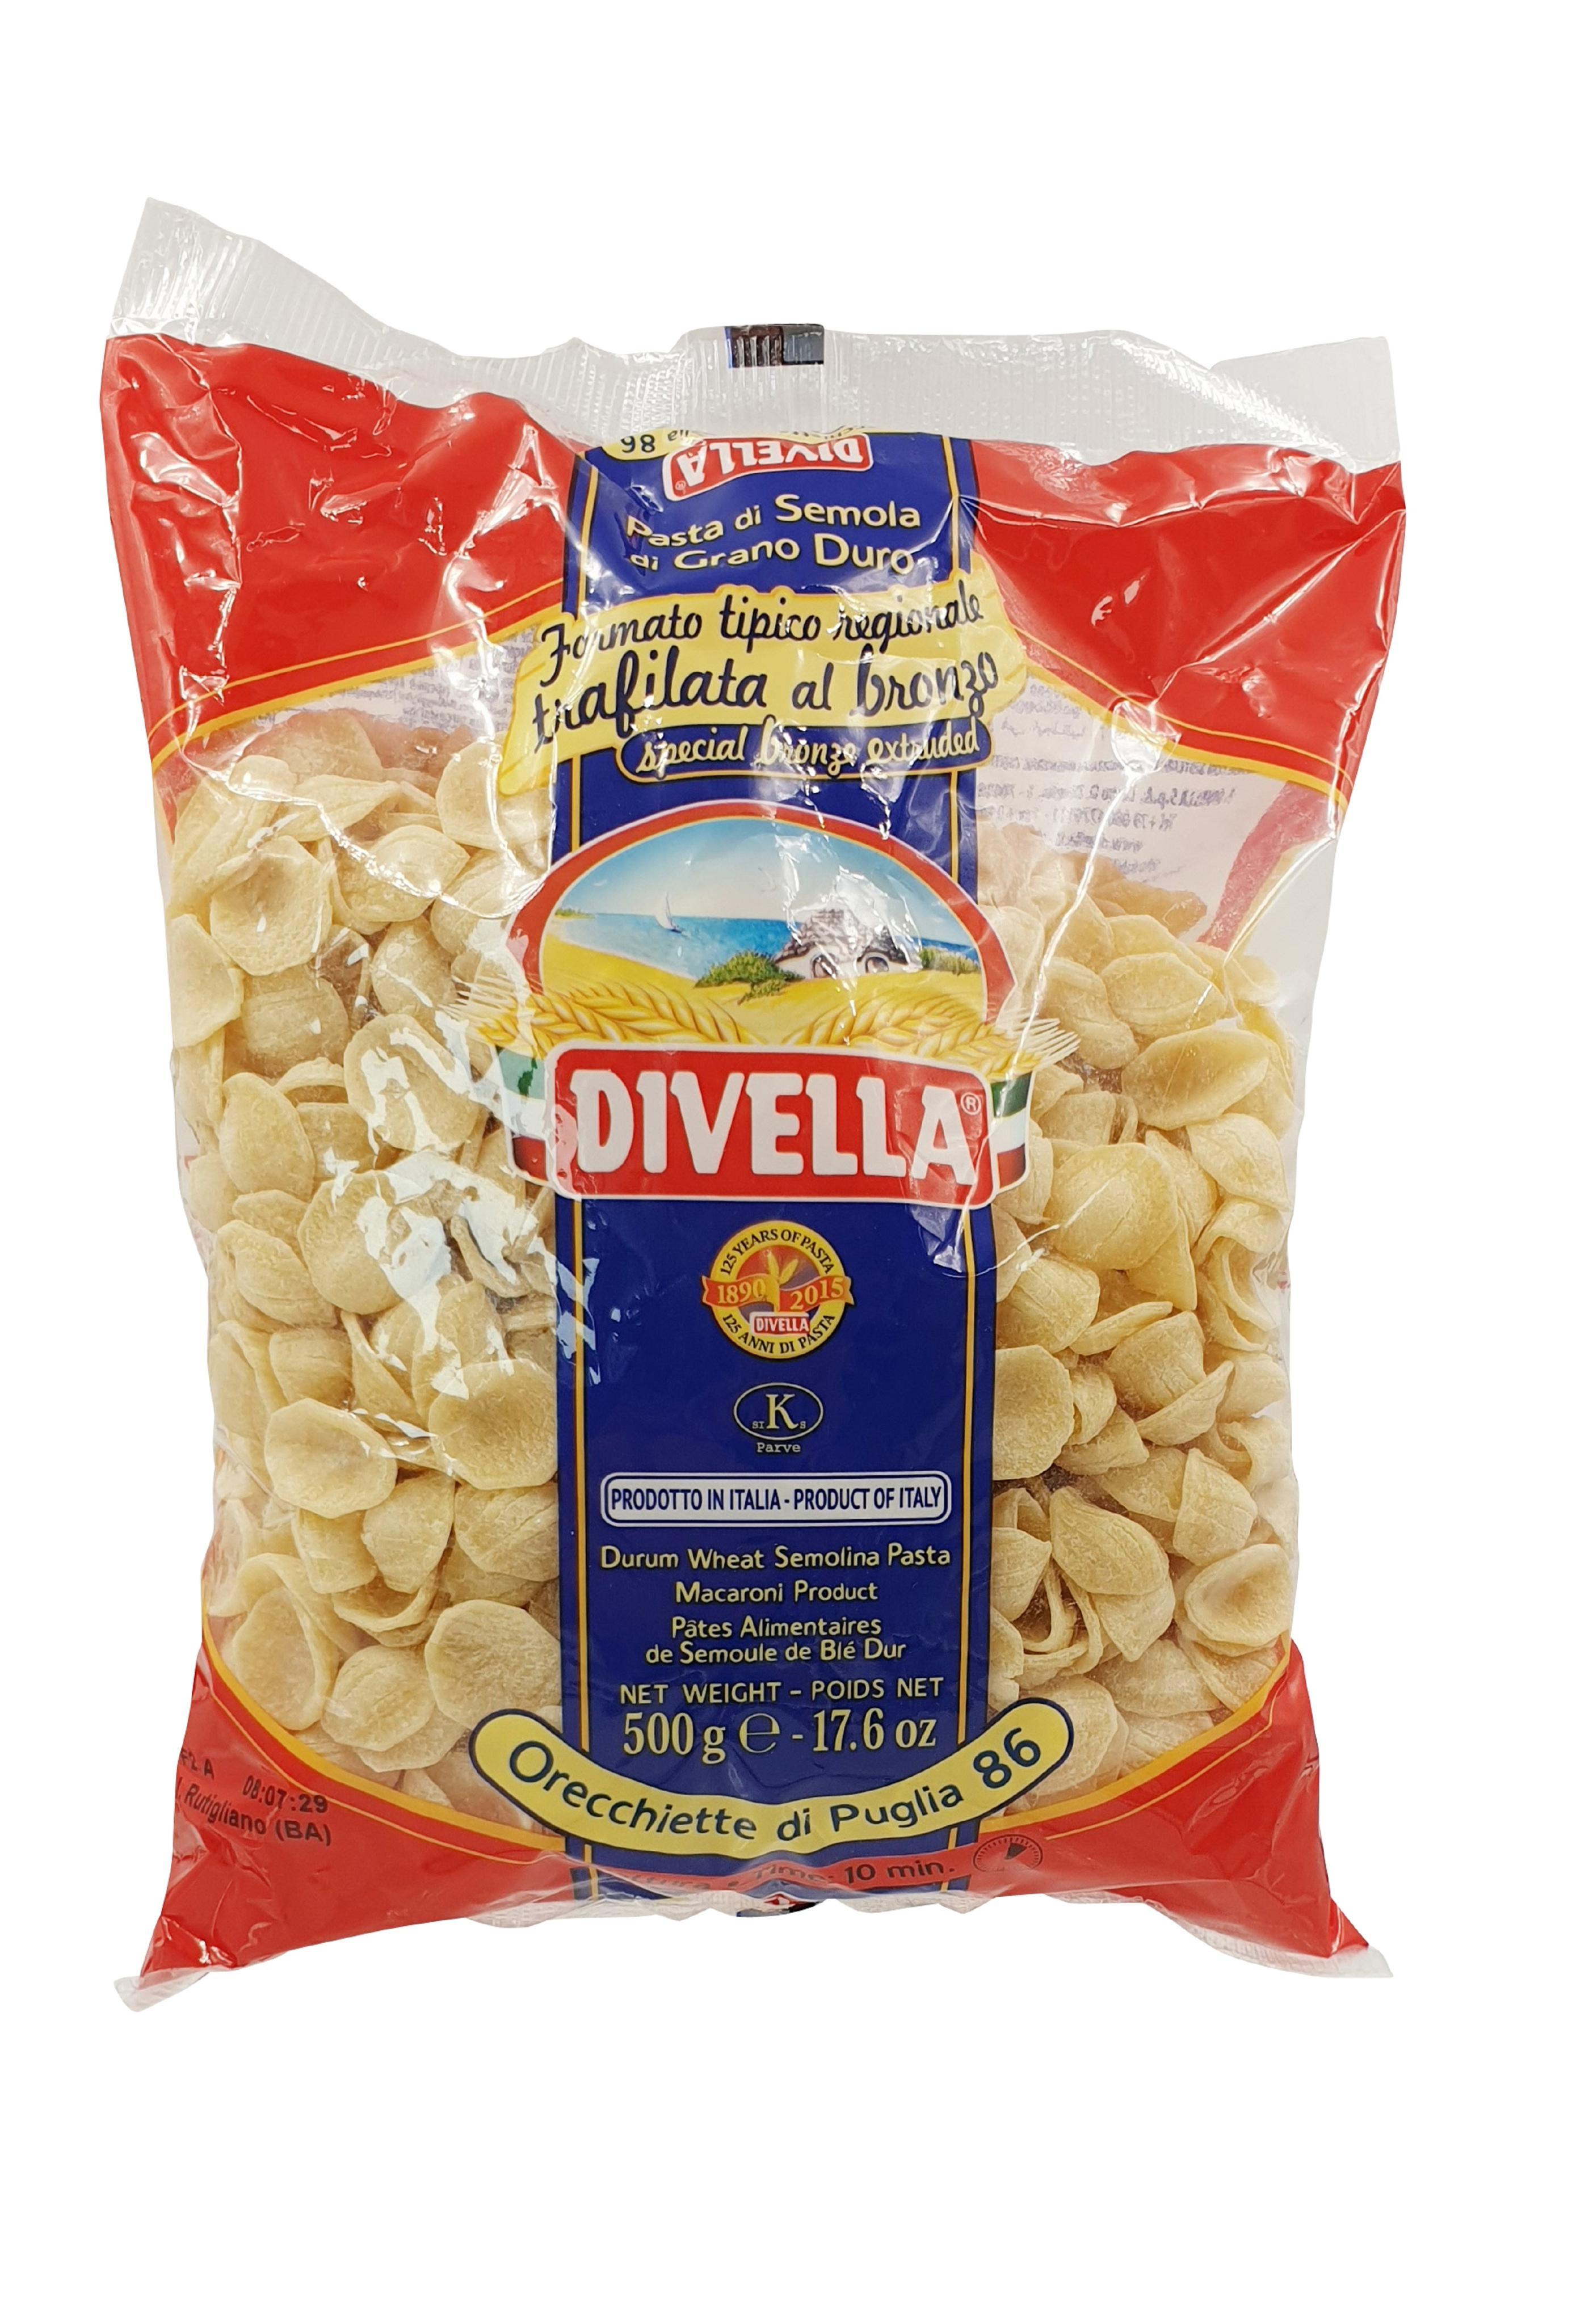 Divella Orecchiette N°86b